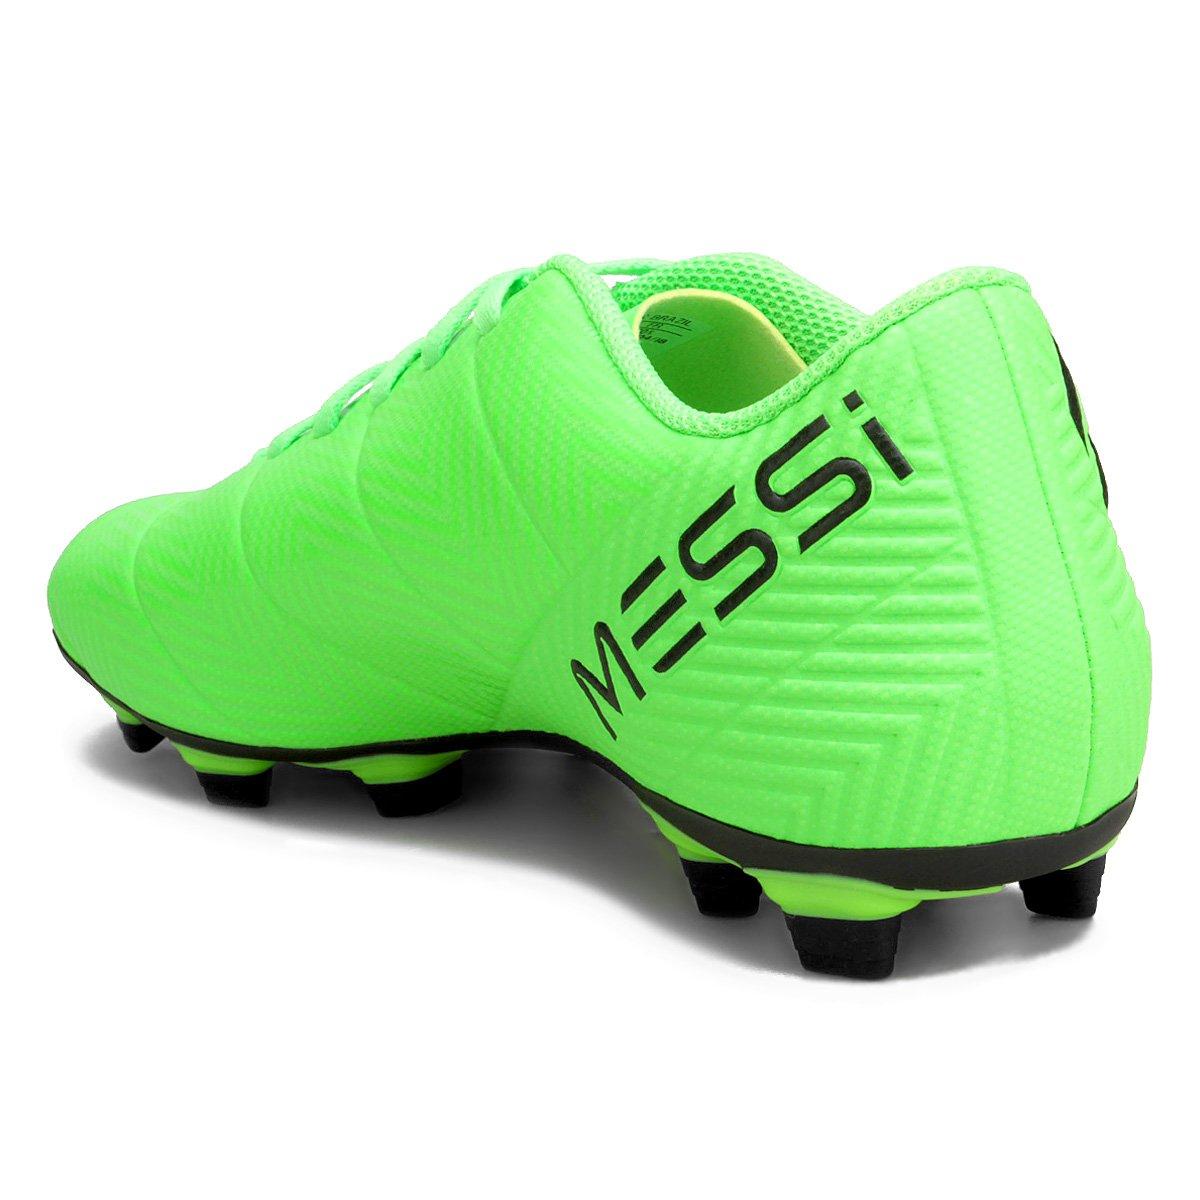 b2d959de55 Chuteira Campo Adidas Nemeziz Messi 18 4 FG - Verde e Preto - Compre ...